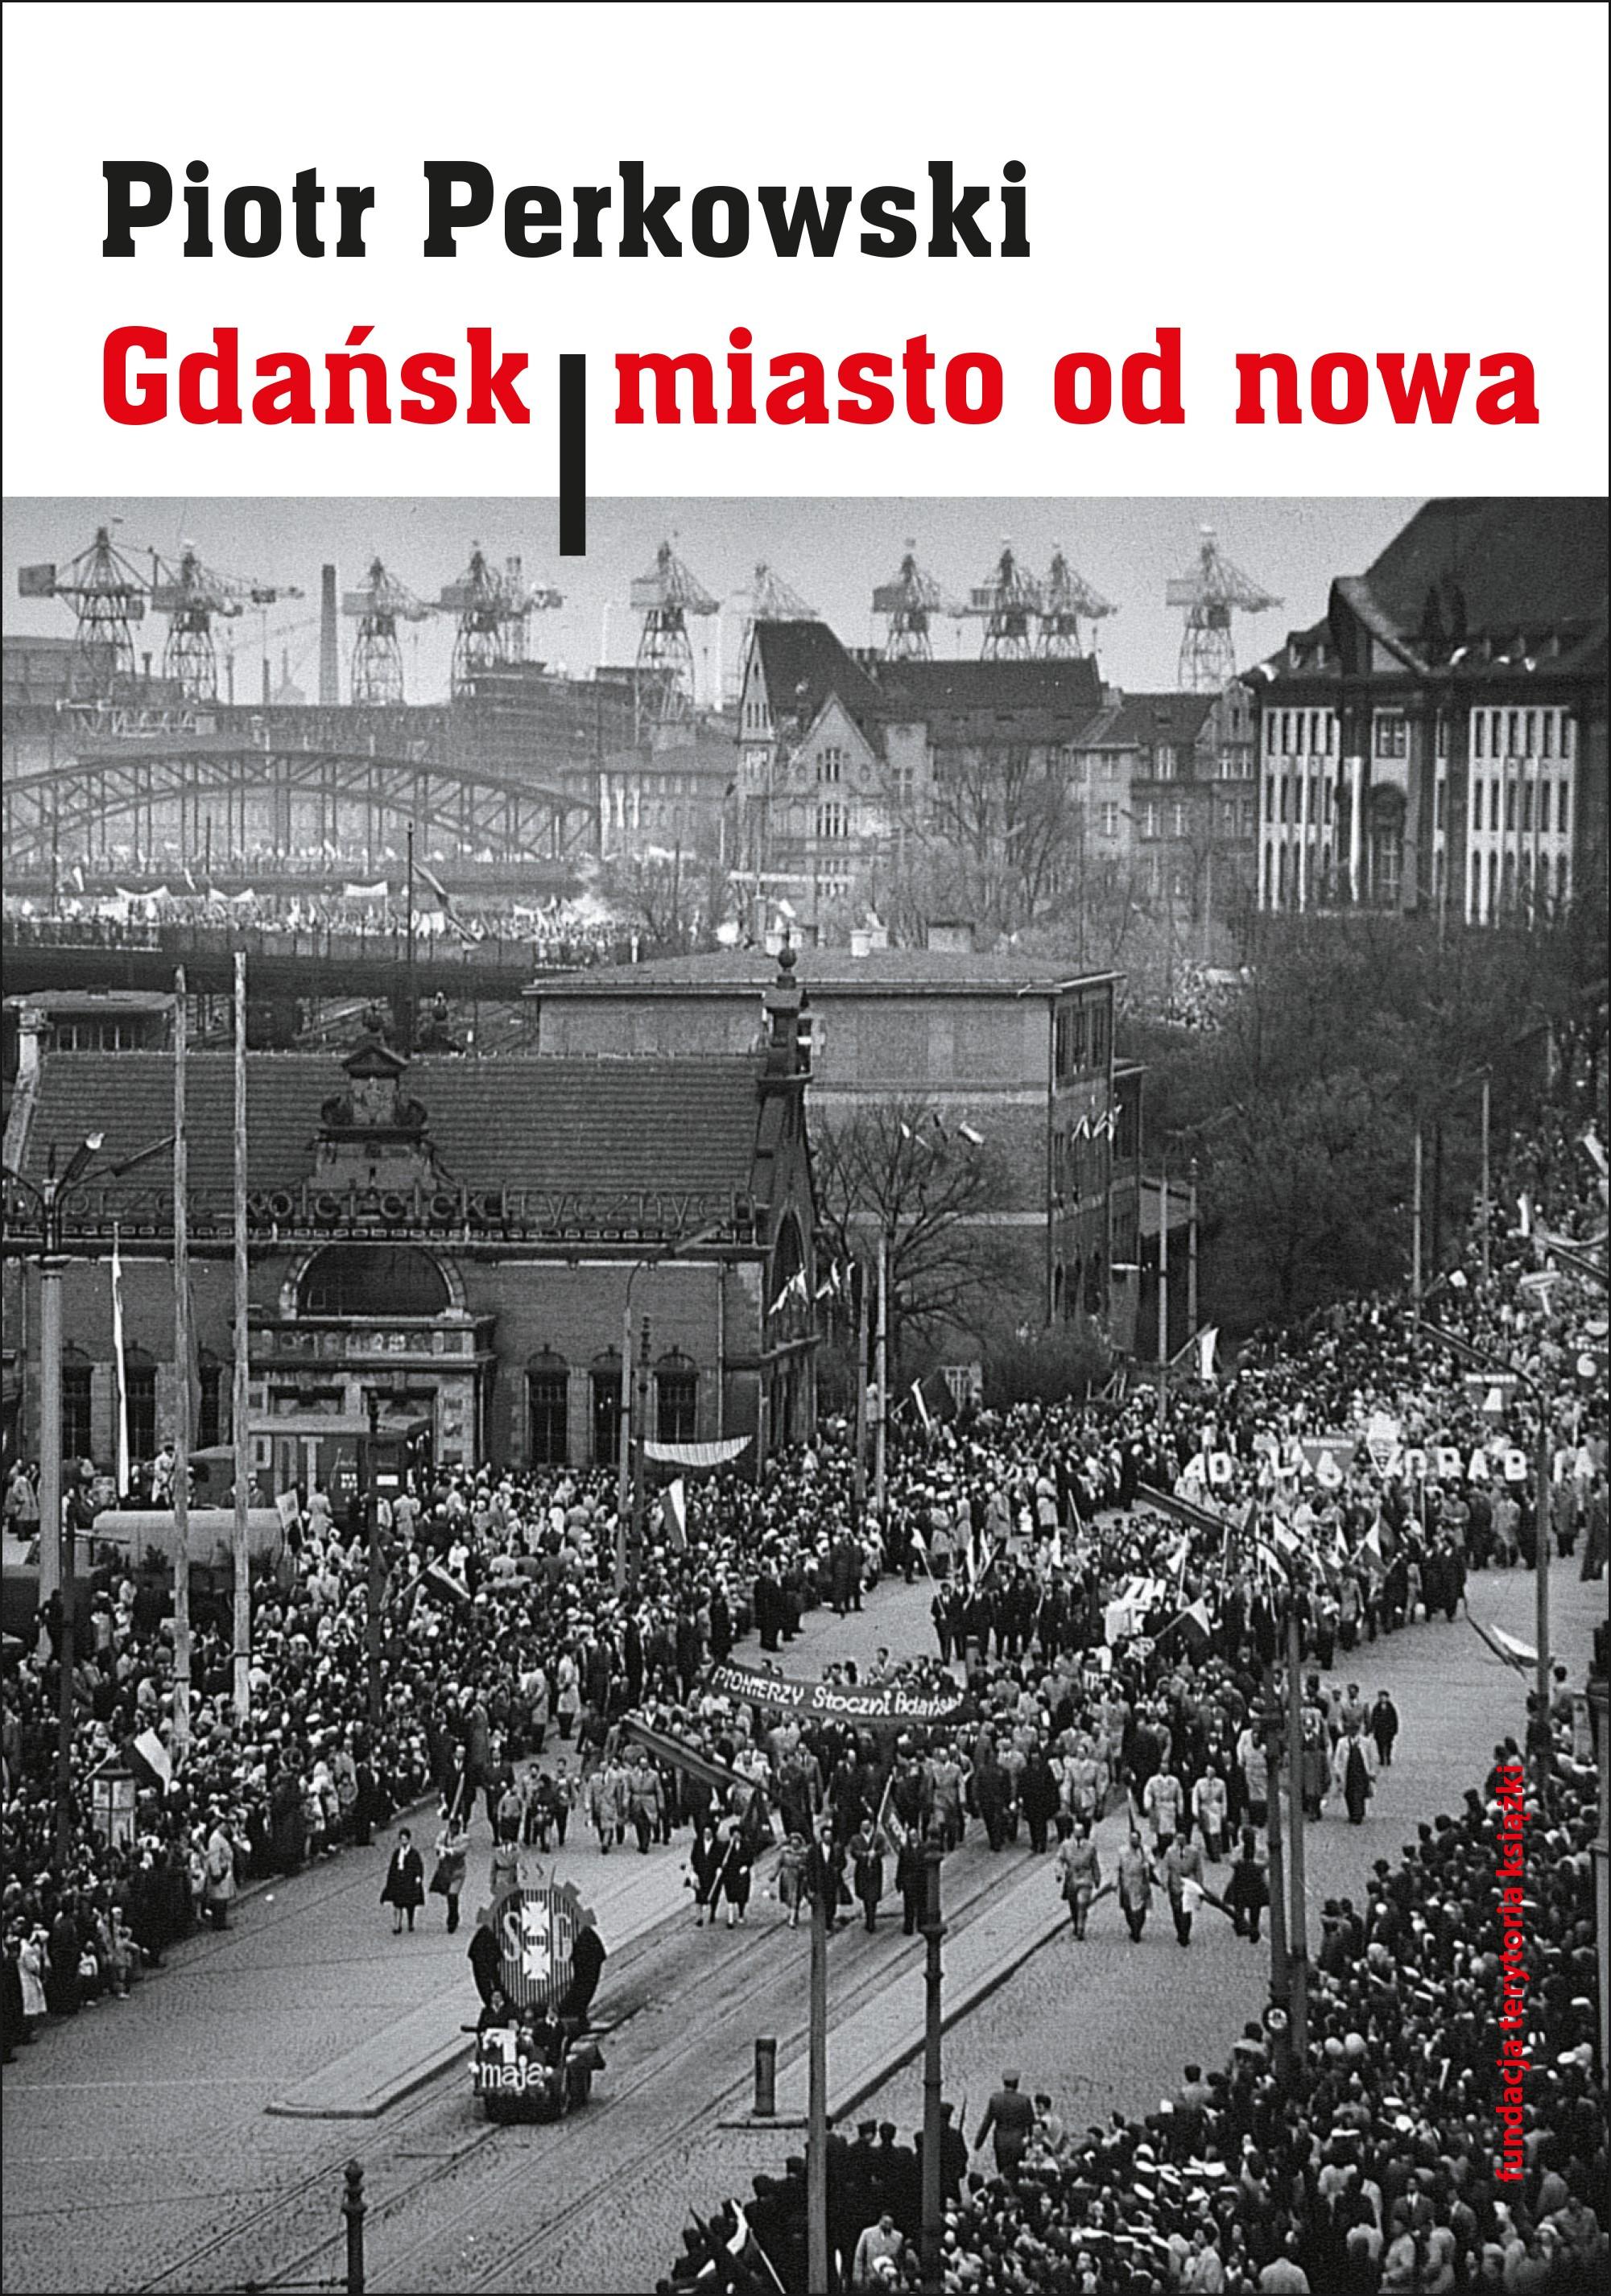 Gdańsk - miasto od nowa. Kształtowanie społeczeństwa i warunki bytowe w latach 1945–1970 (II wydanie)